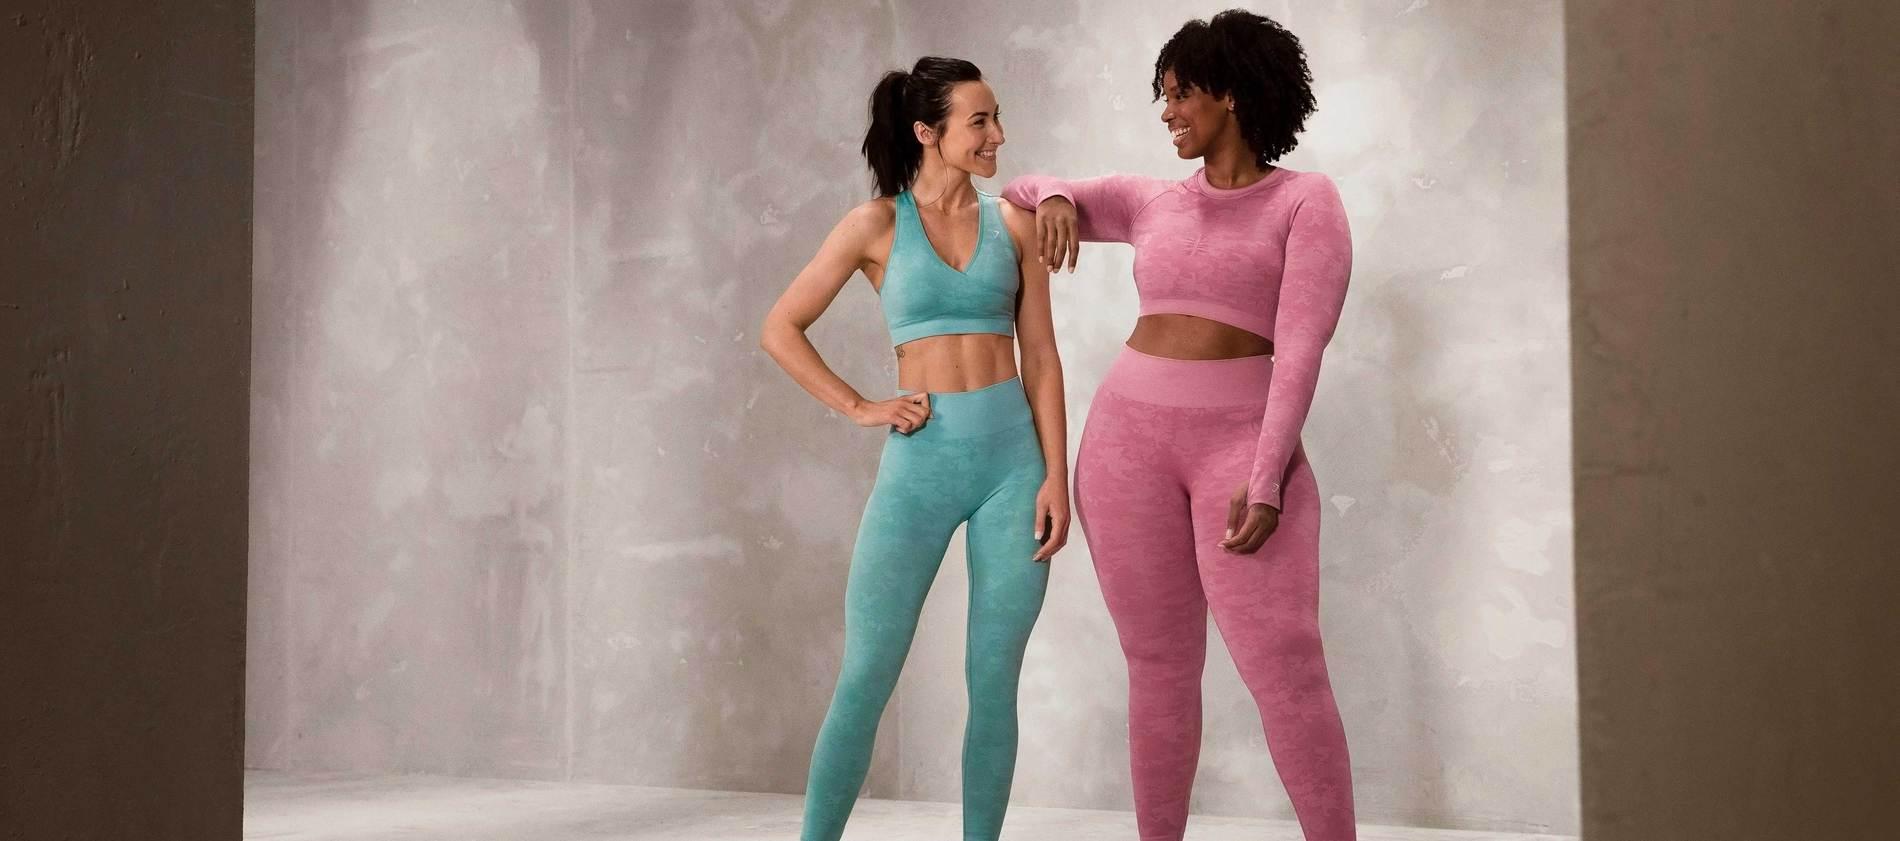 Zwei weibliche Gymshark Athletinnen lächeln und posieren zusammen vor einer Betonwand und tragen die Adapt Camo Kollektion.